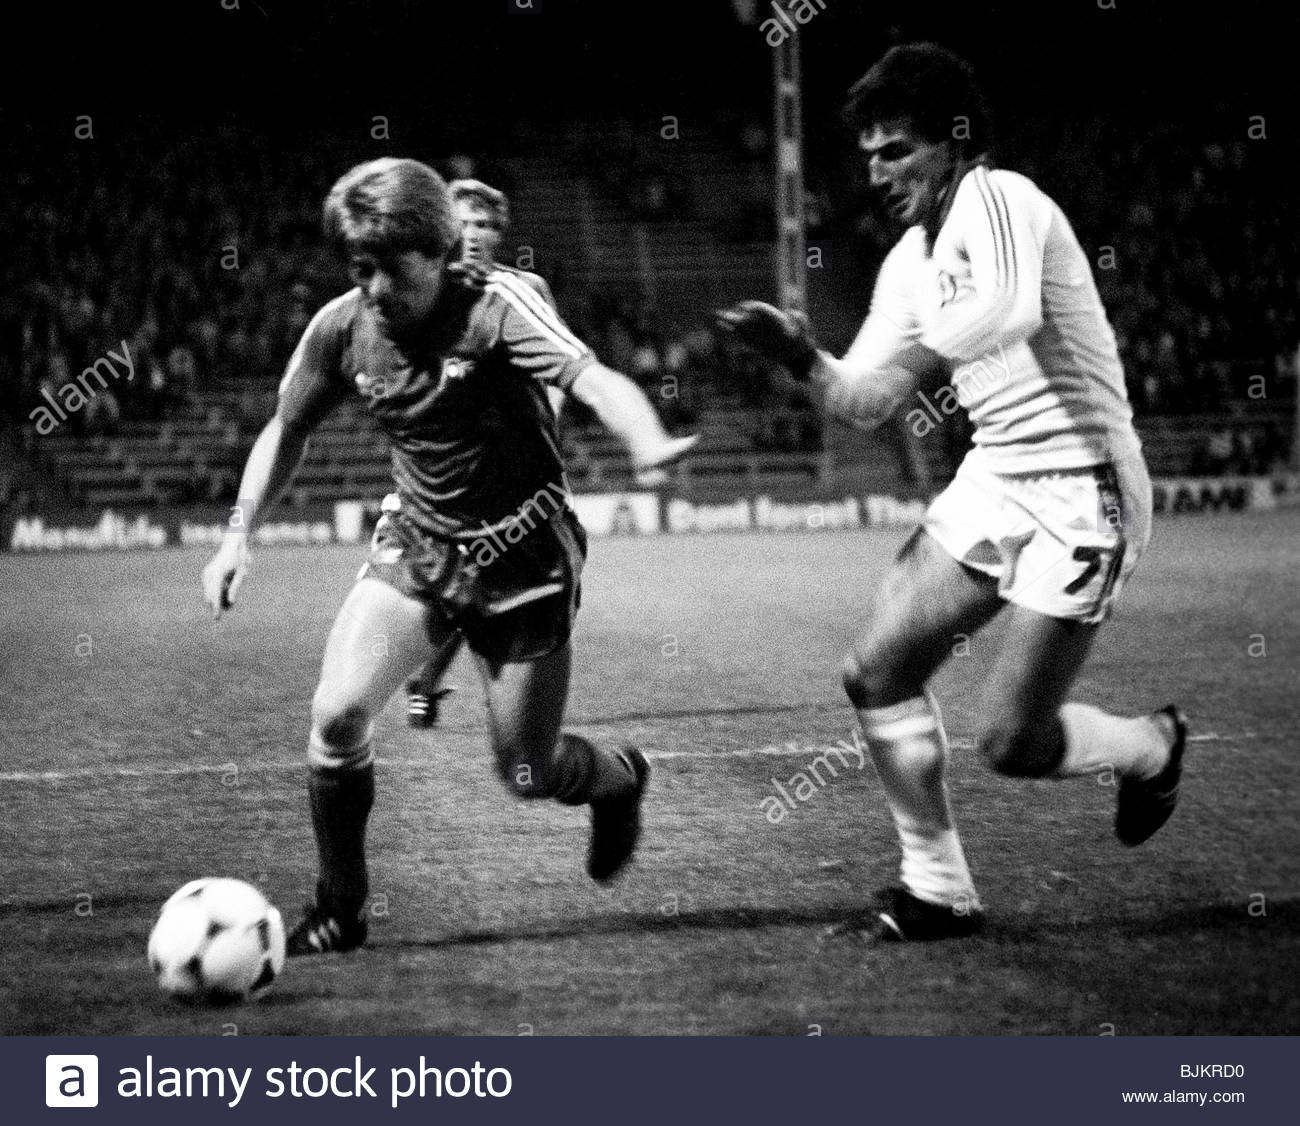 15/09/82 EUROPEAN CUP WINNERS CUP 1ST RND 1ST LEG ABERDEEN V DINAMO TIRANA (1-0) PITTODRIE - ABERDEEN Aberdeen's - Stock Image